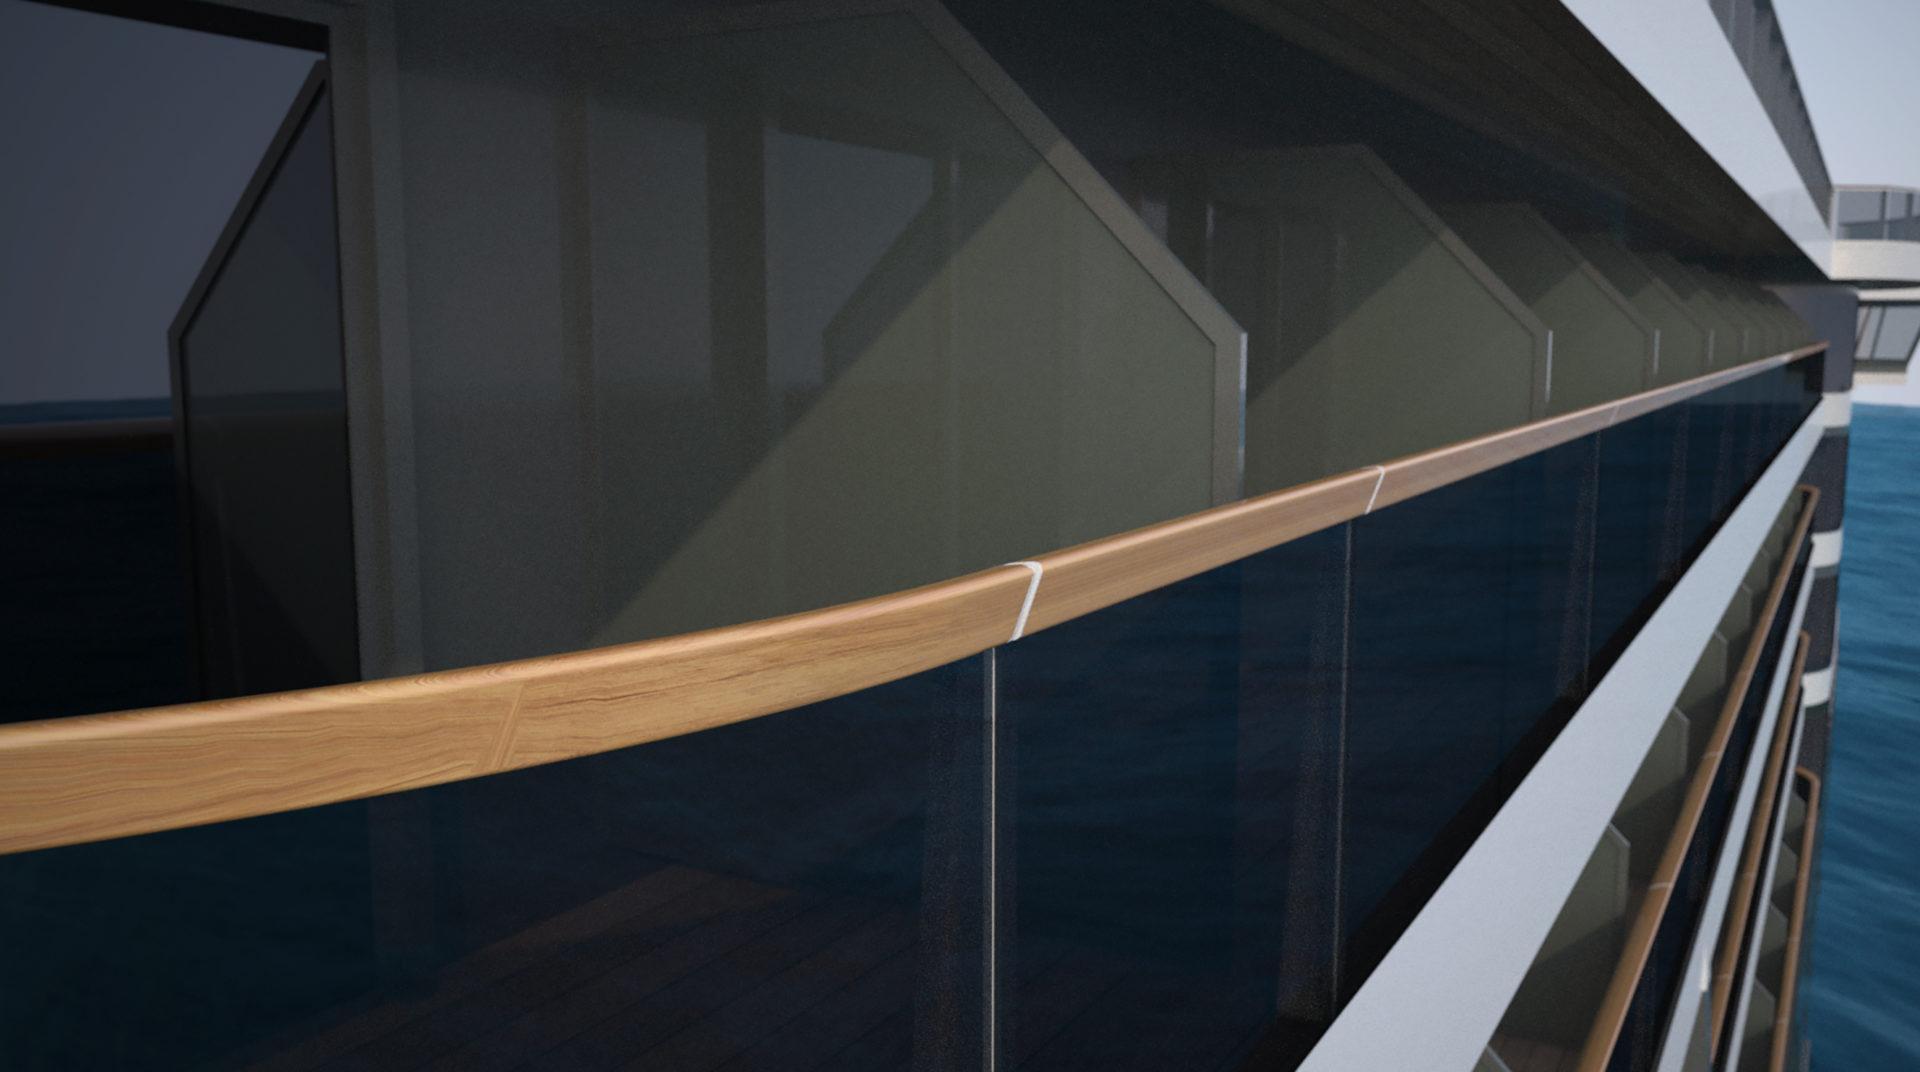 Handrail-Seabourn-V3_retouché